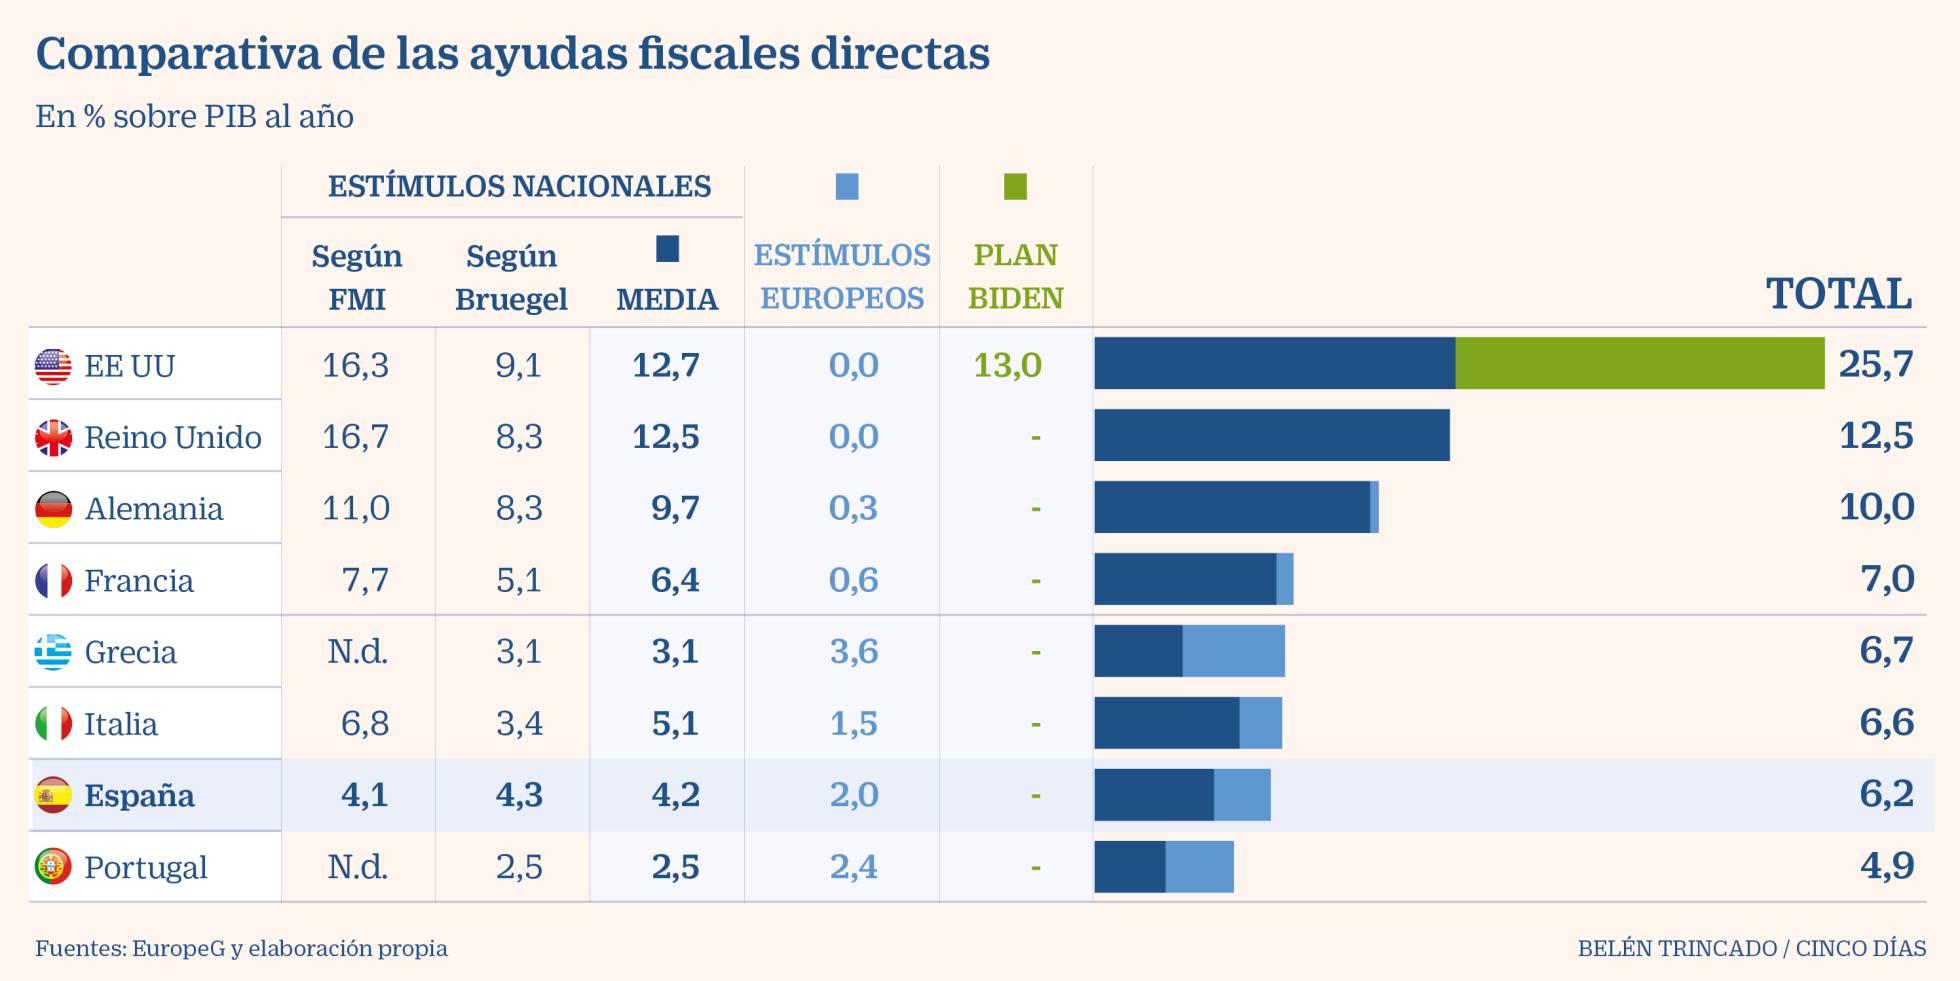 Crisis y desarrollo capitalista, inversiones, finanzas, bonos, capitalización bancaria, deuda... Relaciones de fuerza intercapitalistas.[2] - Página 22 1619020537_722214_1619020832_noticia_normal_recorte1